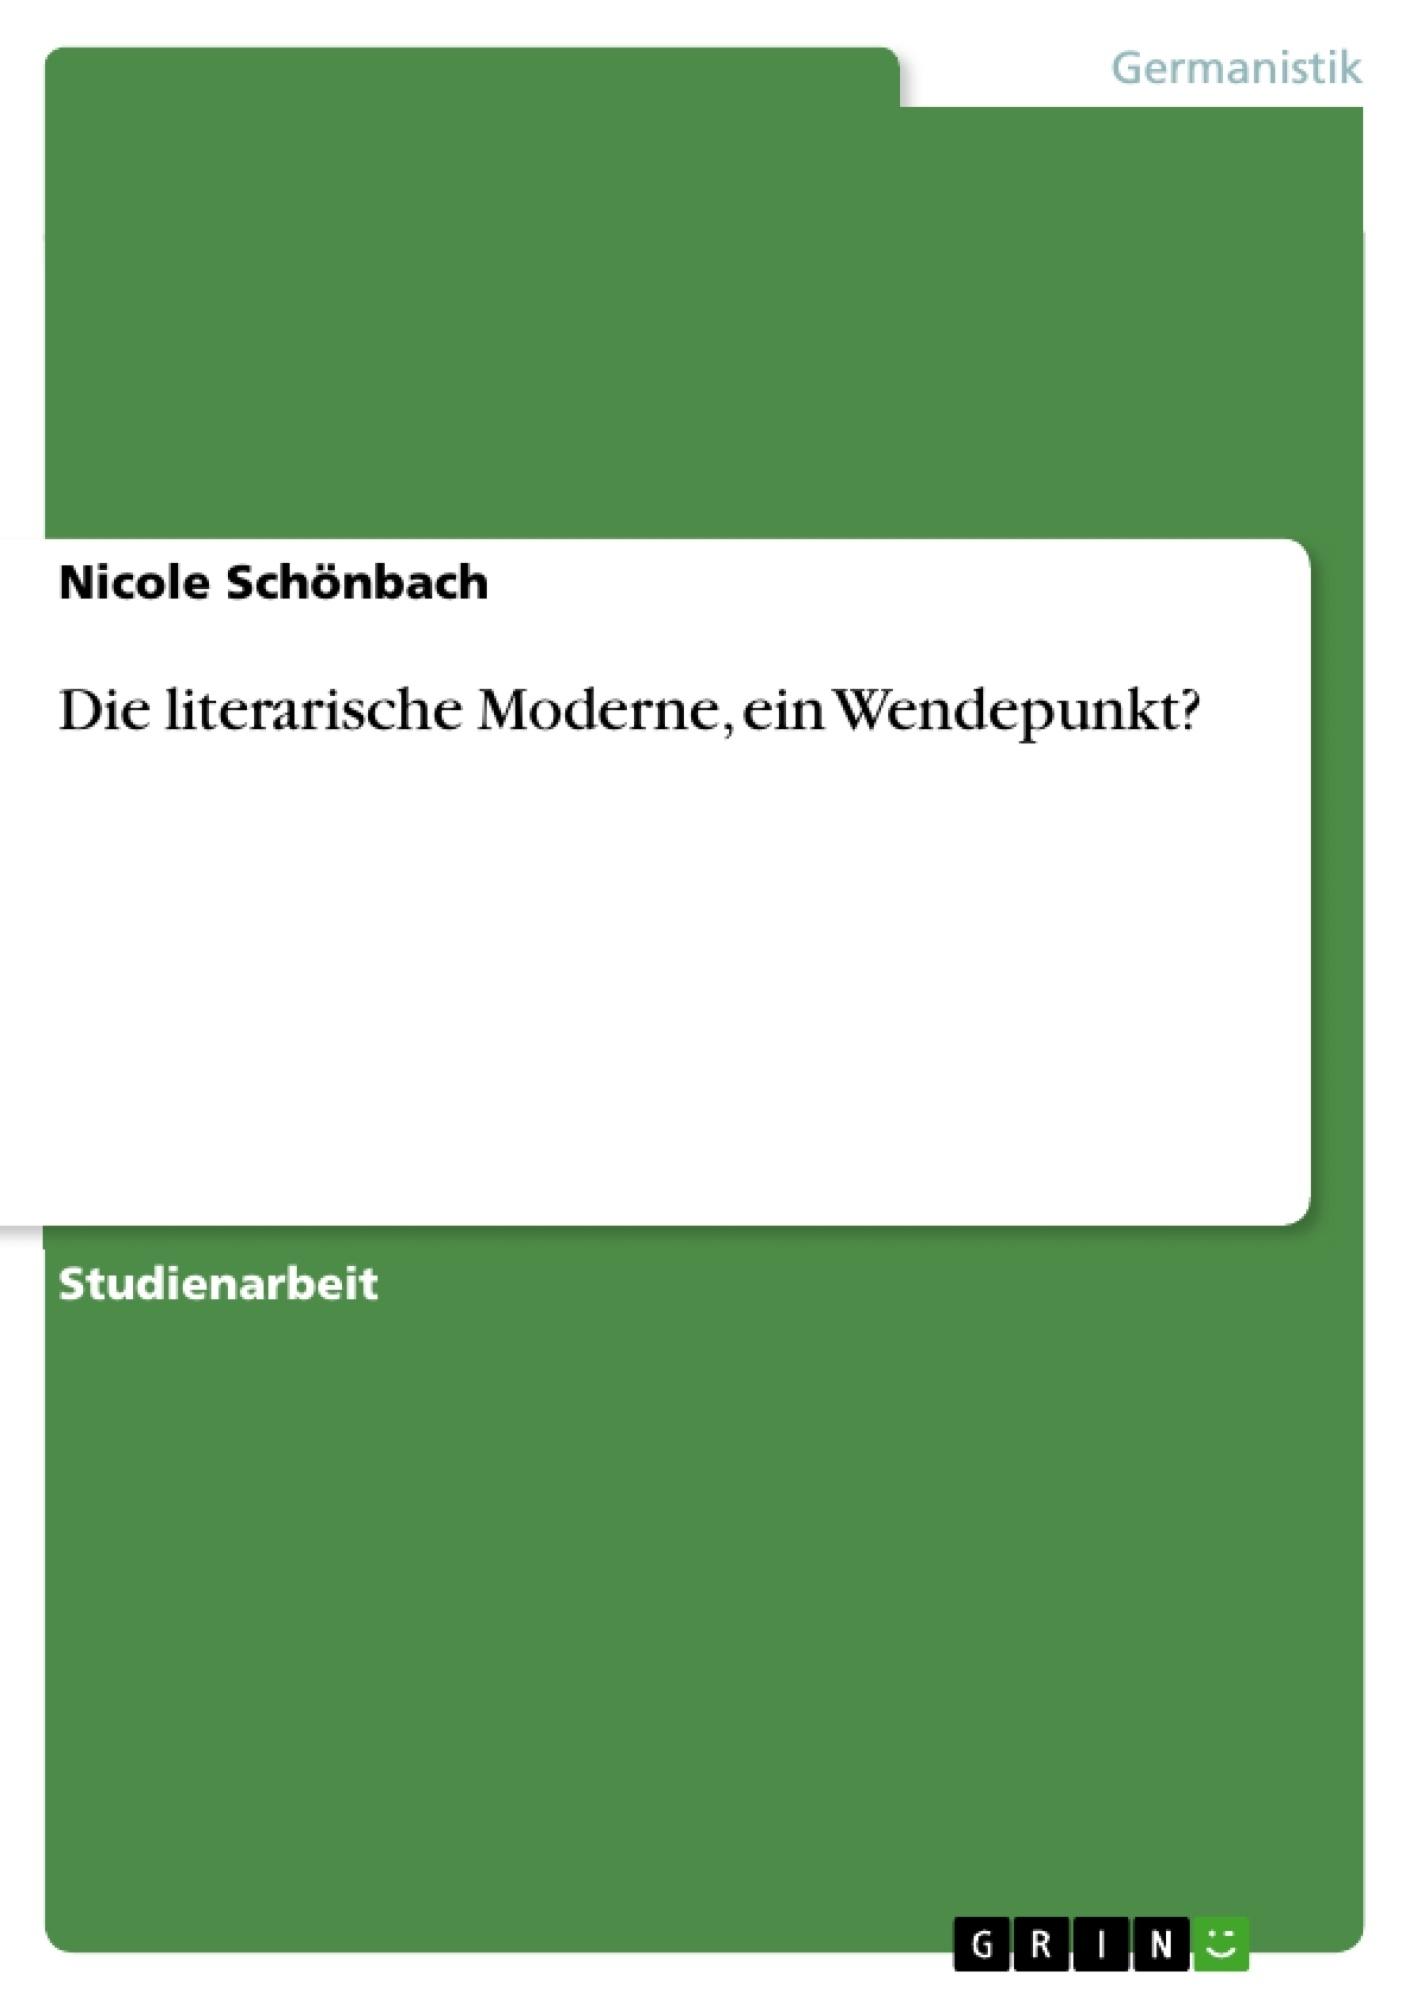 Titel: Die literarische Moderne, ein Wendepunkt?